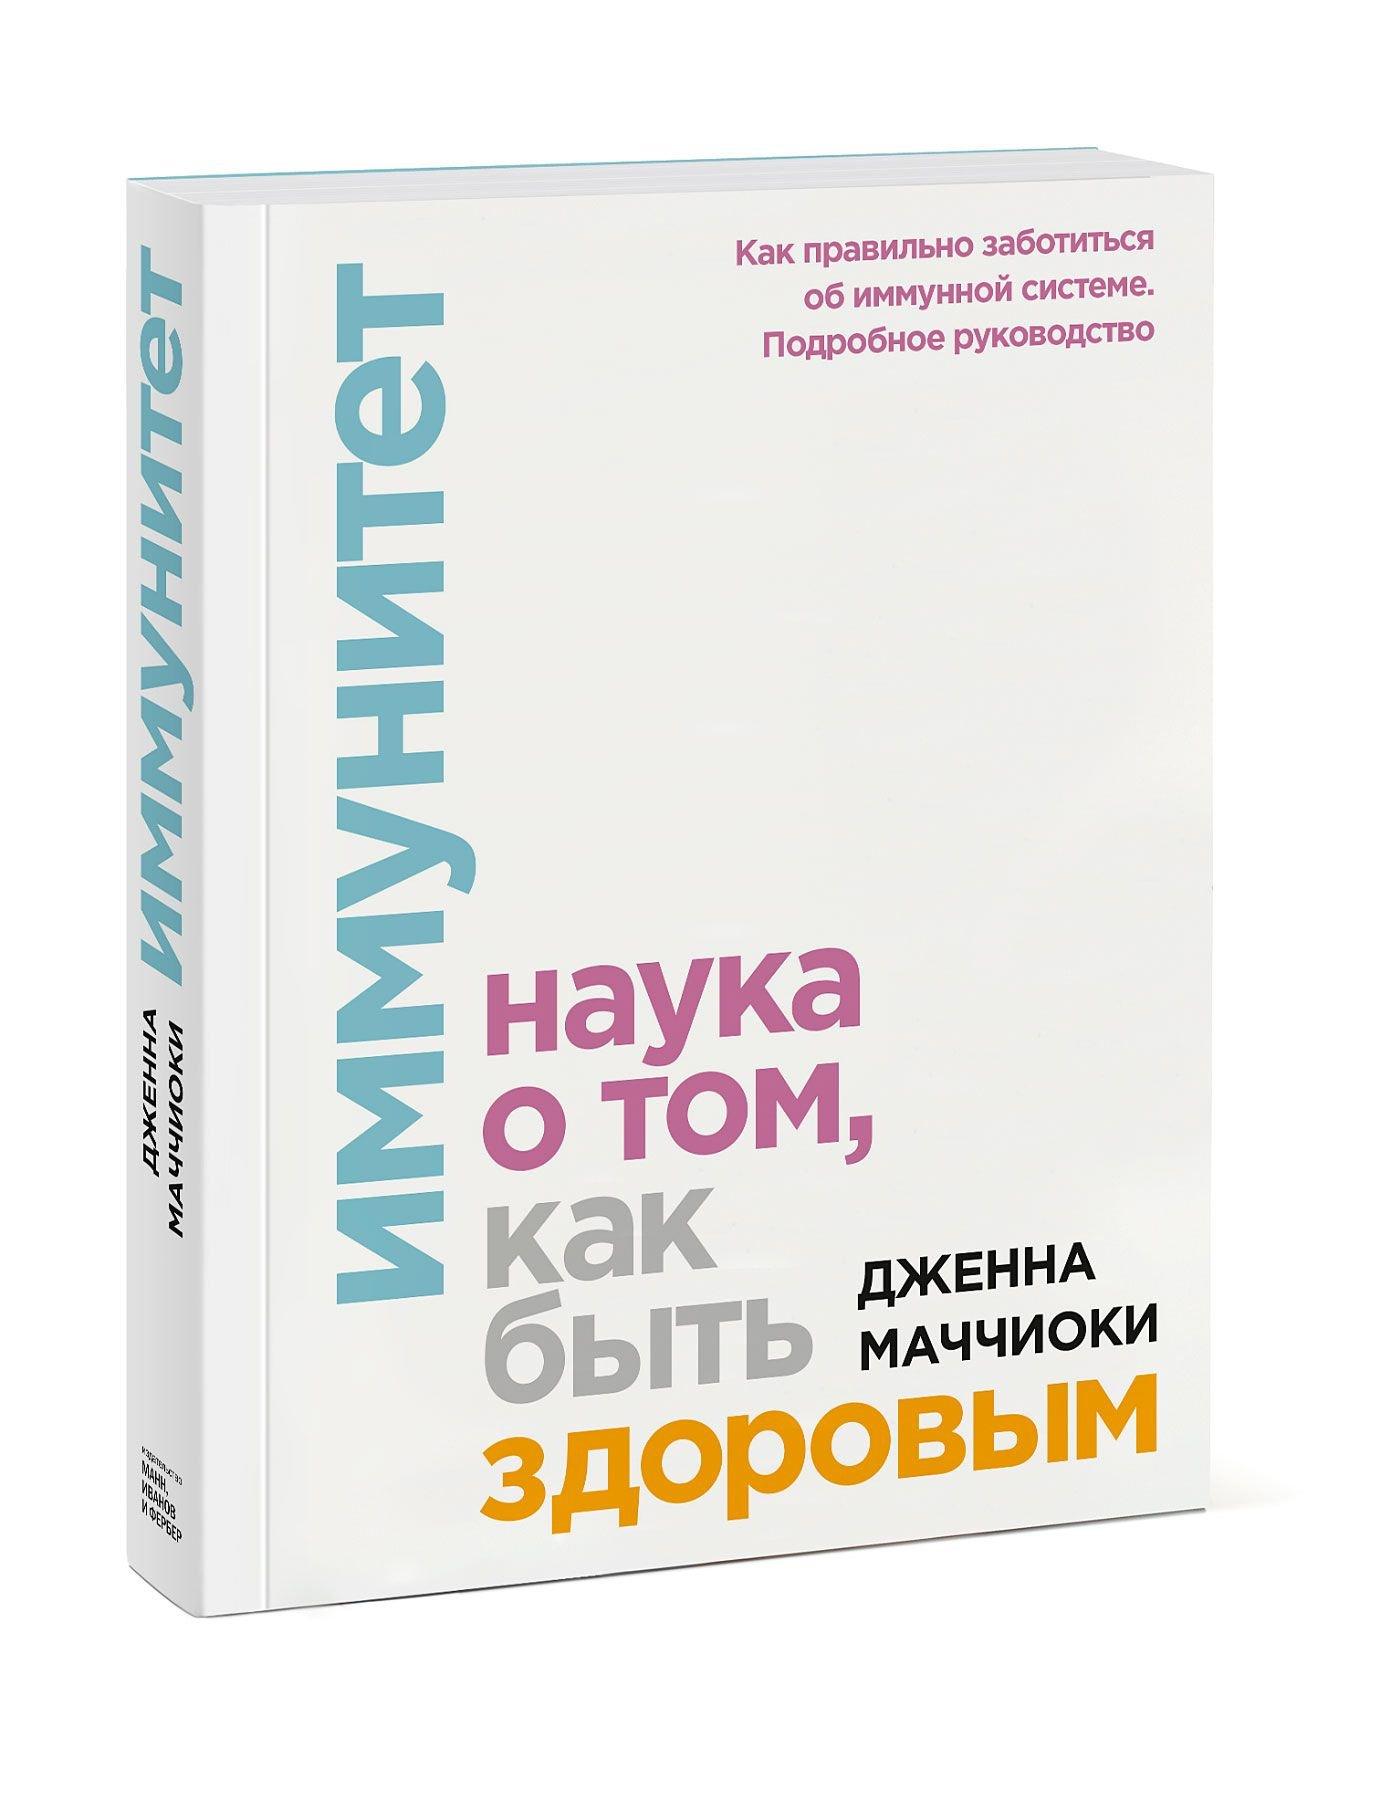 Дженна Маччиоки Иммунитет. Наука о том, как быть здоровым